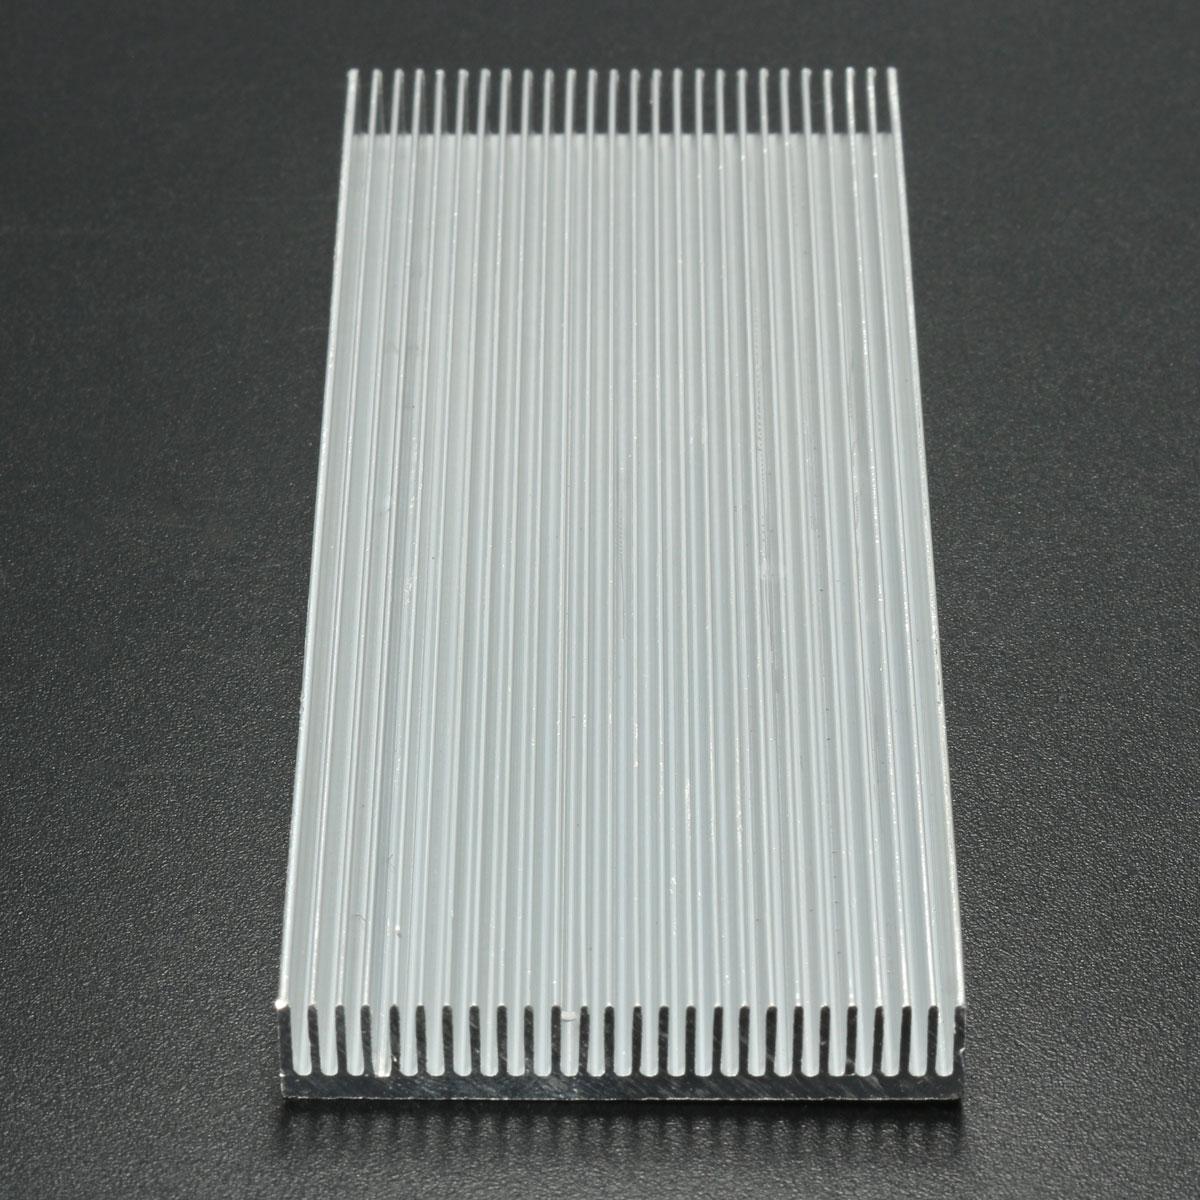 5pcs 100x41x8mm алюминиевый радиатор радиатора радиатора для высокой мощности LED Усилитель Охлаждение транзистора - фото 5